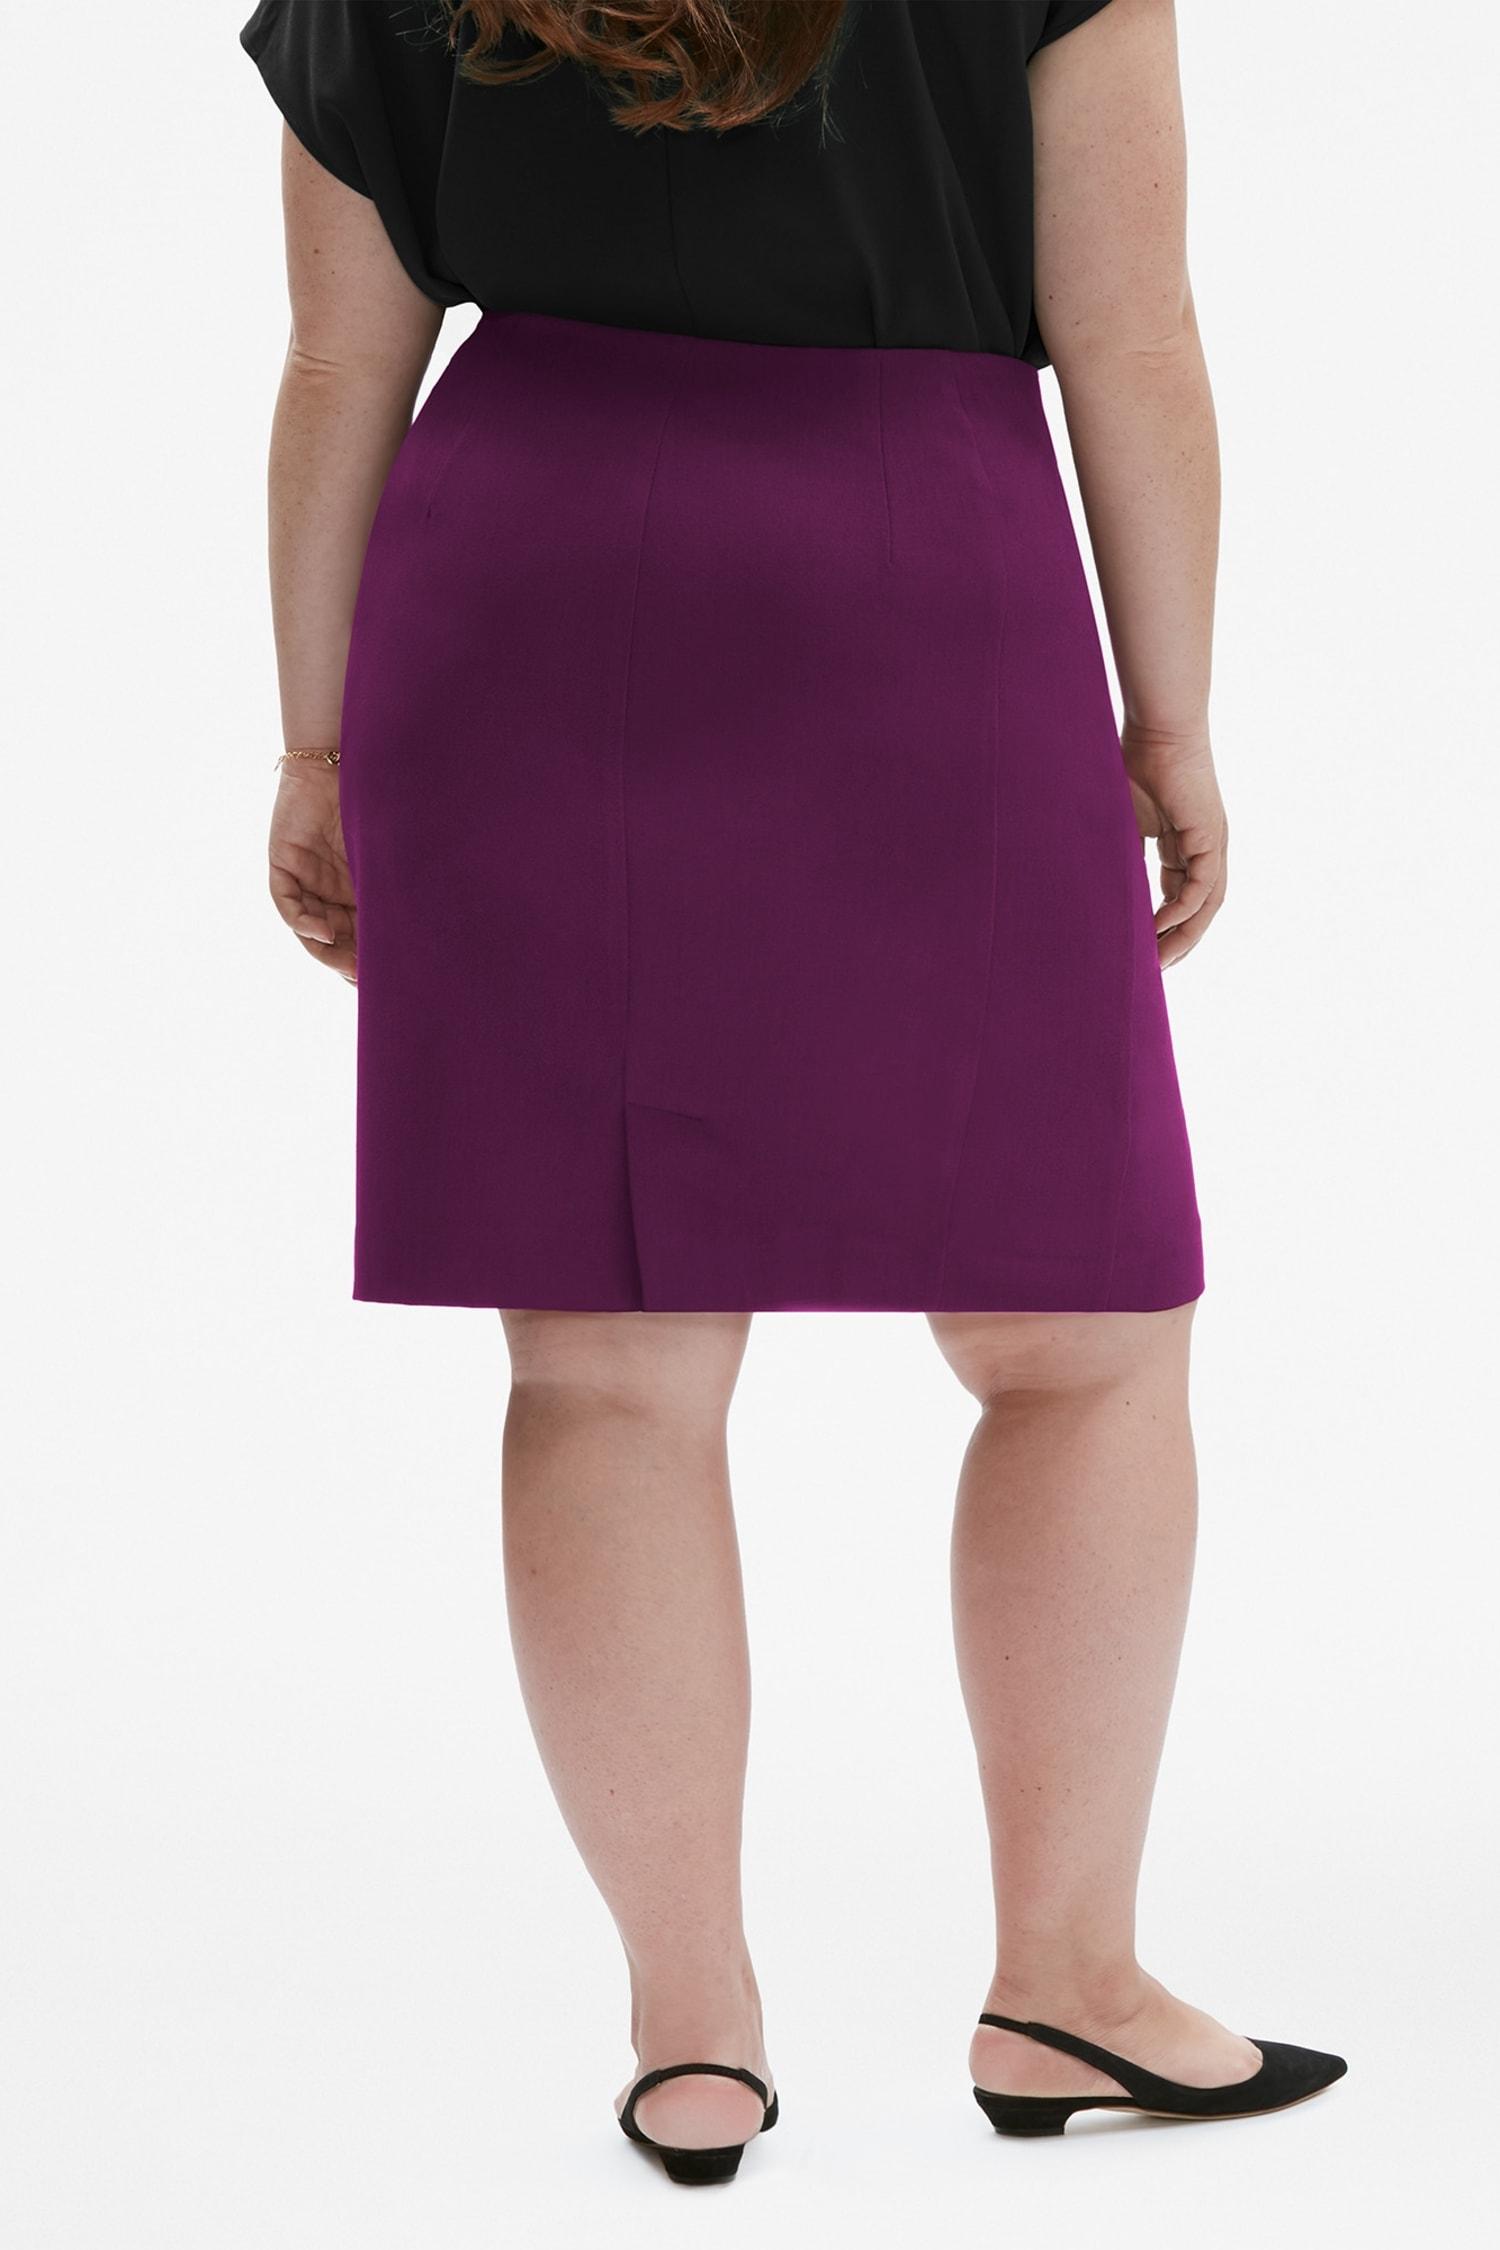 The Noho Skirt Deep Plum 130